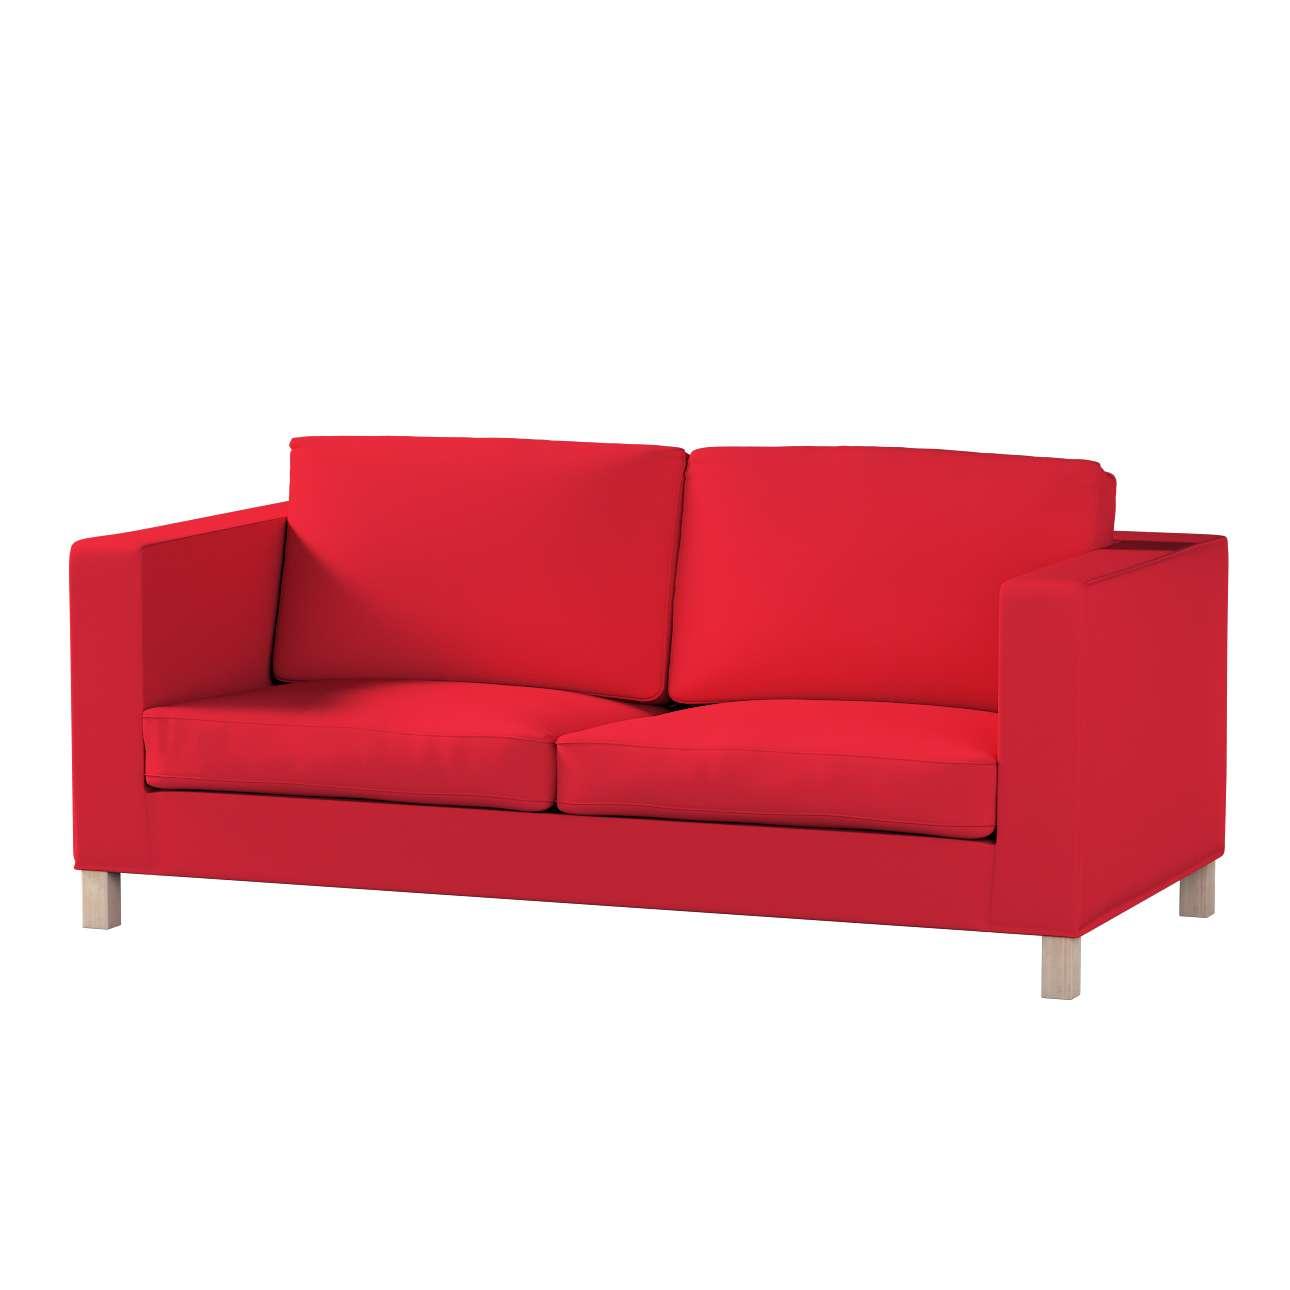 KARLANDA sofos lovos užvalkalas KARLANDA sofos lovos užvalkalas kolekcijoje Cotton Panama, audinys: 702-04